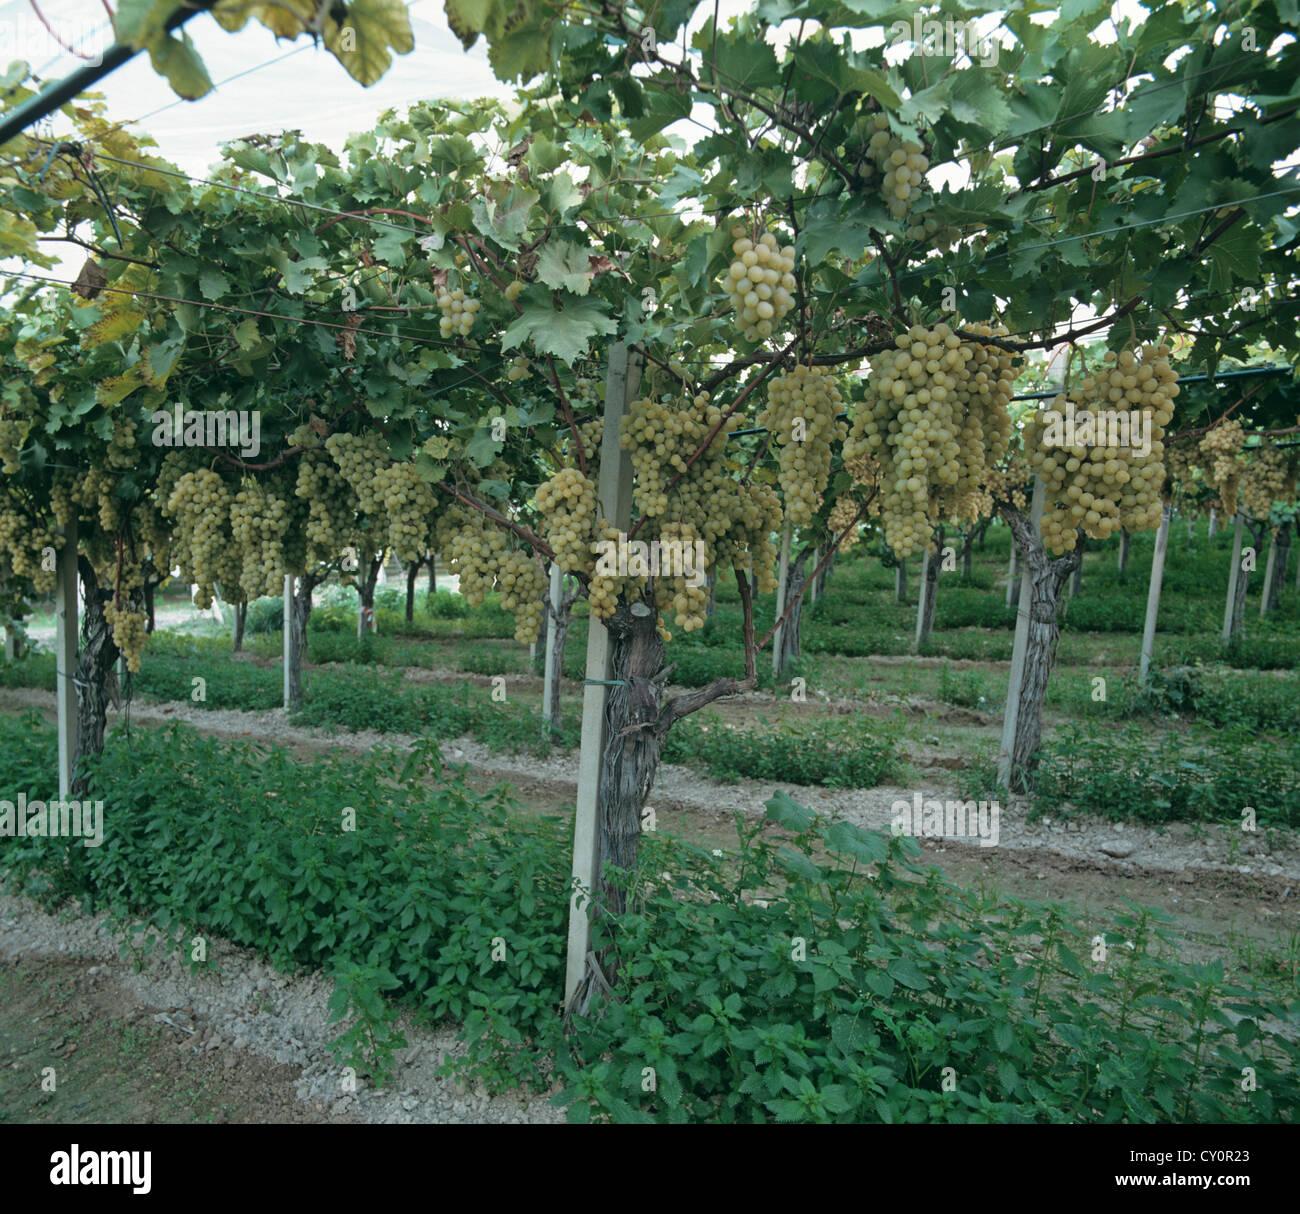 Las uvas de mesa en espaldera en polietileno en Sicilia Imagen De Stock